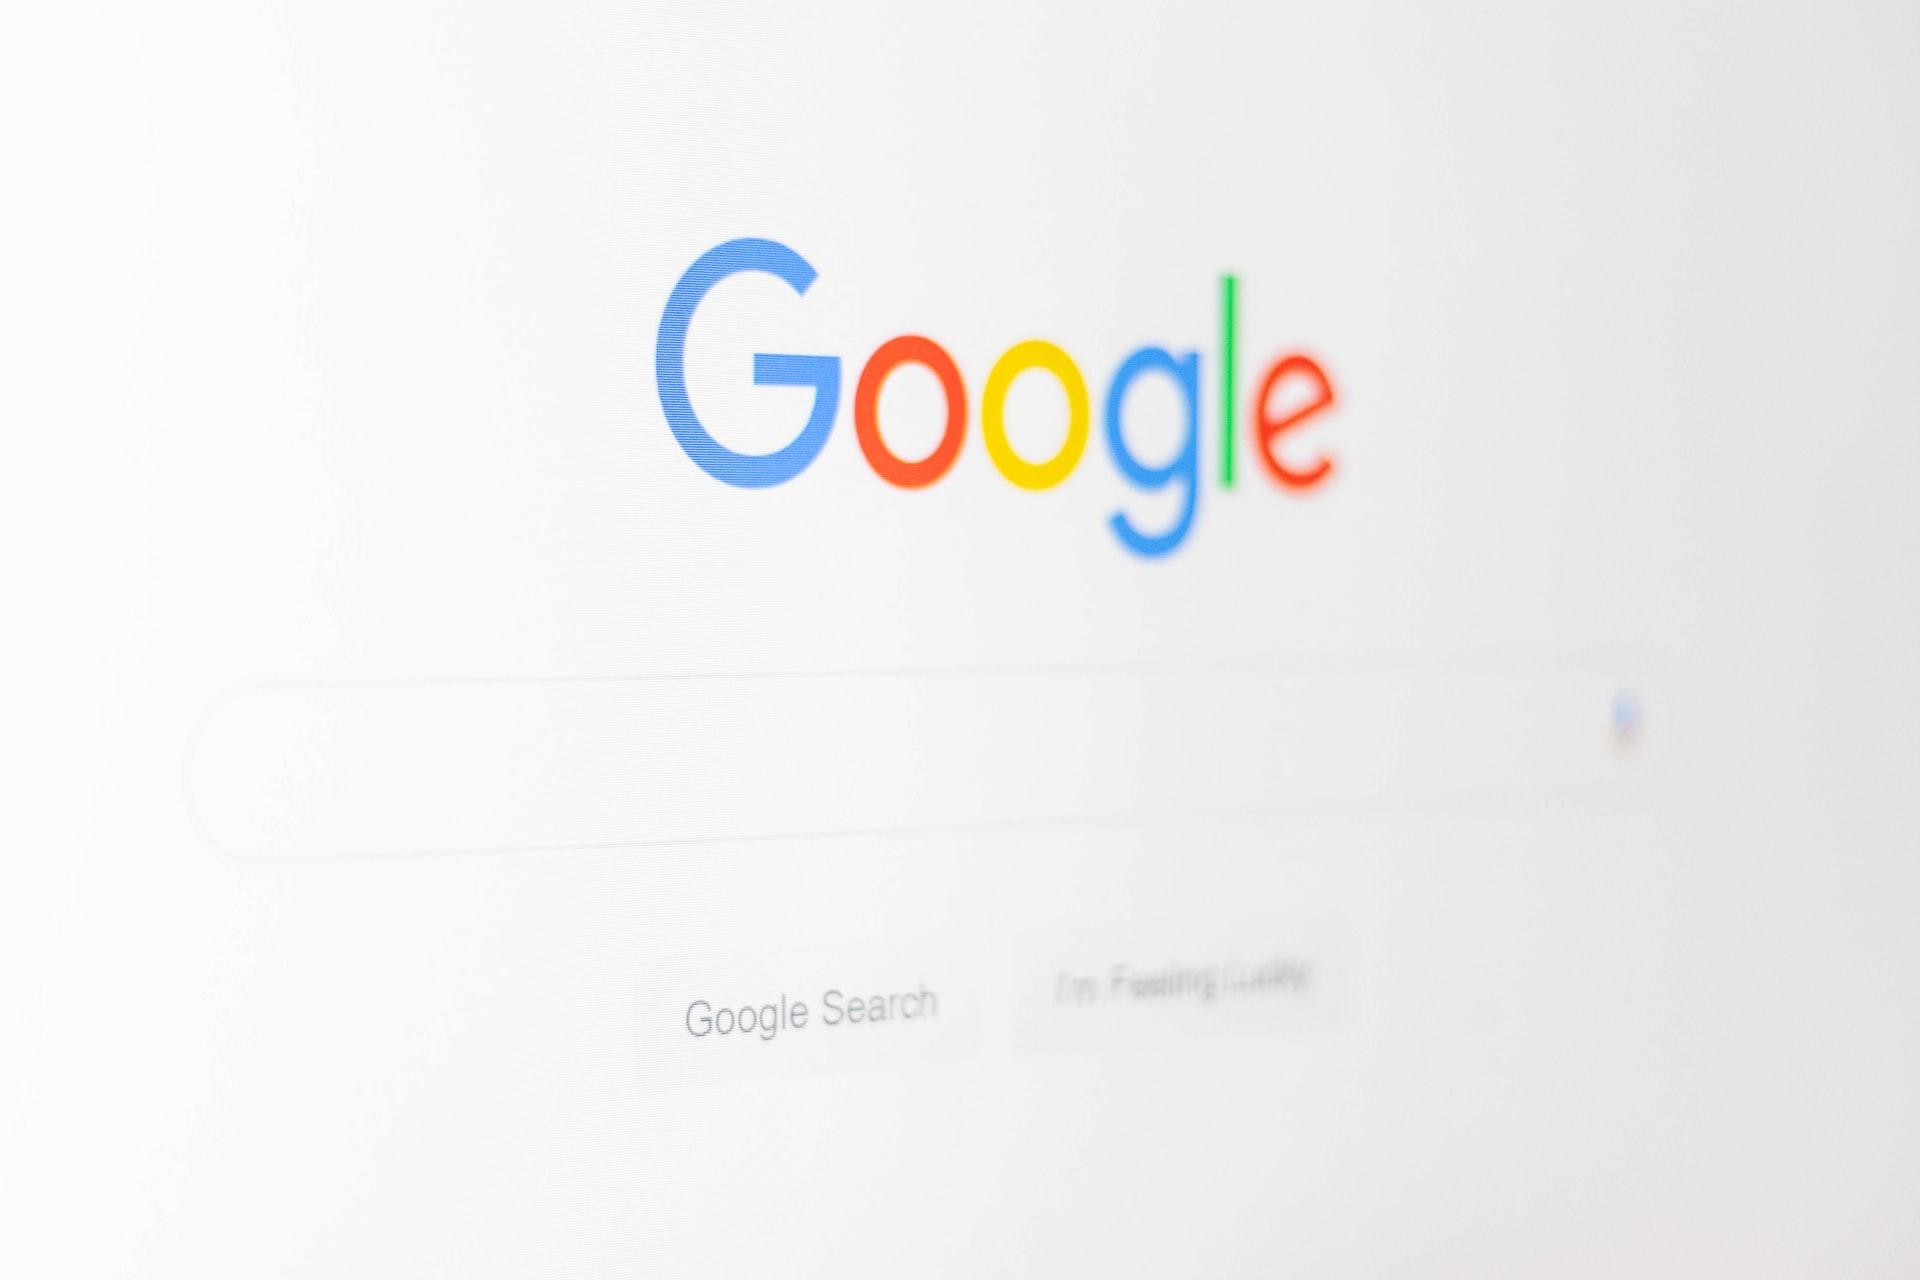 Une page de recherche ouverte sur Google Chrome